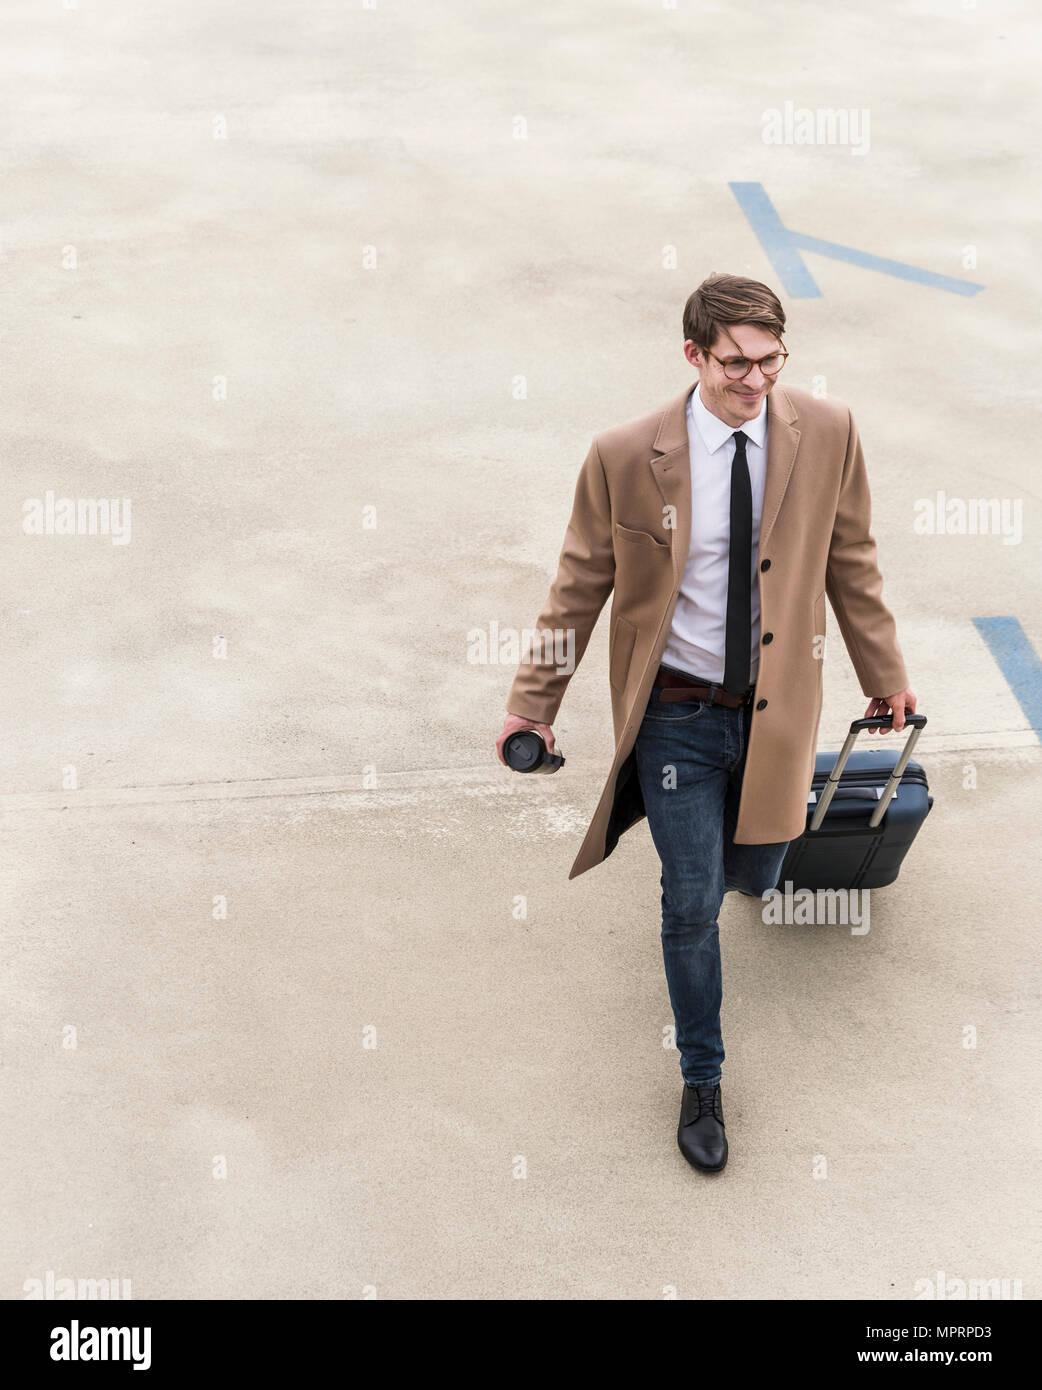 Smiling businessman with rolling suitcase marche à un garage de stationnement Photo Stock